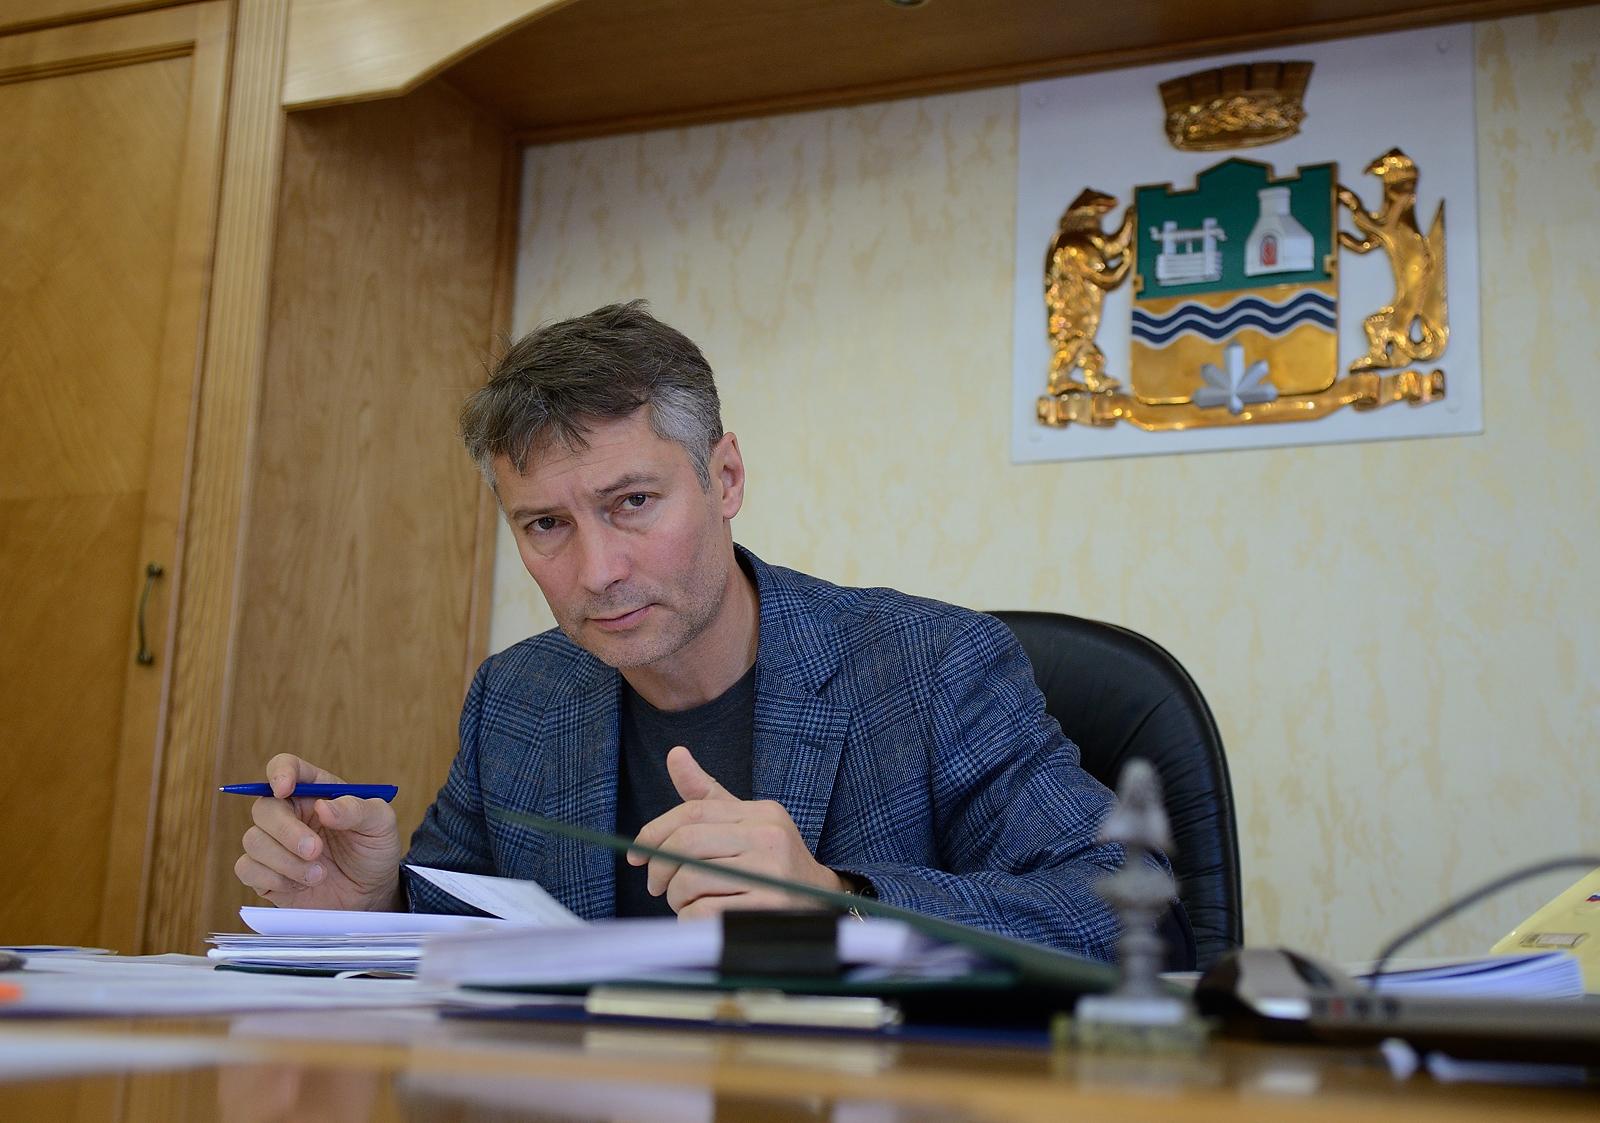 Мэр Ройзман вновь стал самым цитируемым уральским политиком